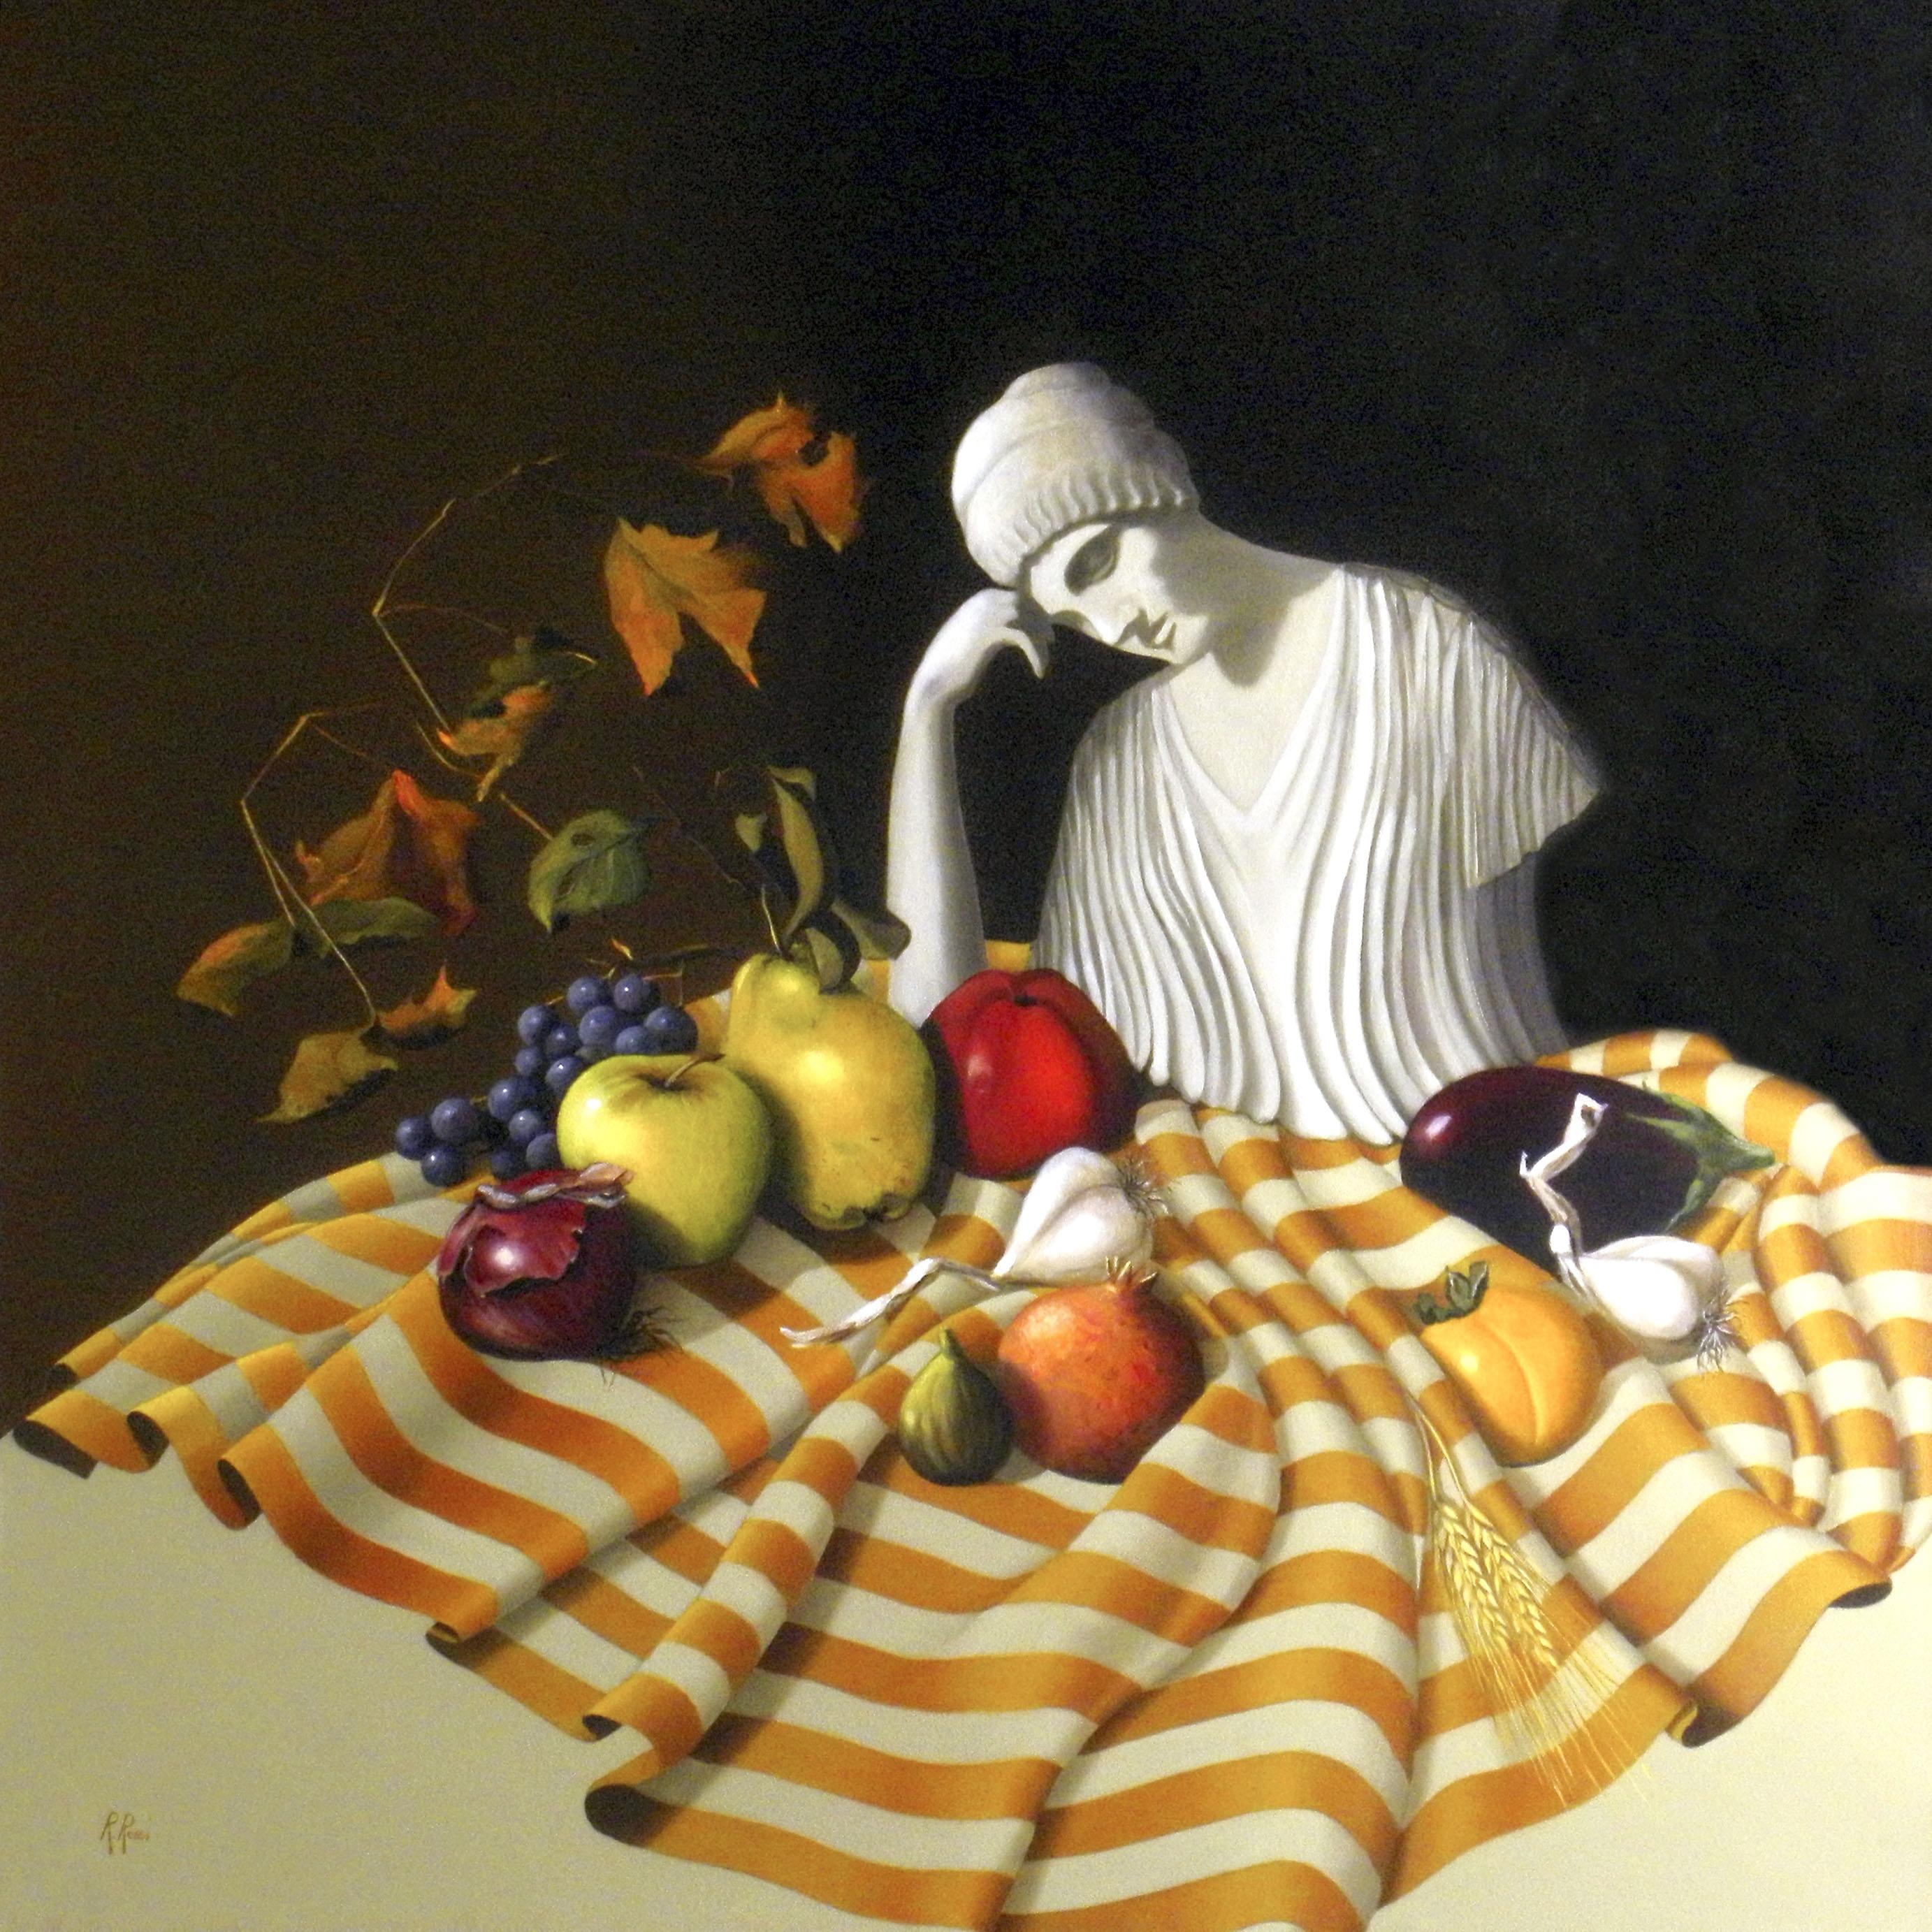 2005 roberta rossi - Demetra e i frutti della terra - olio su tela - 70 x 70